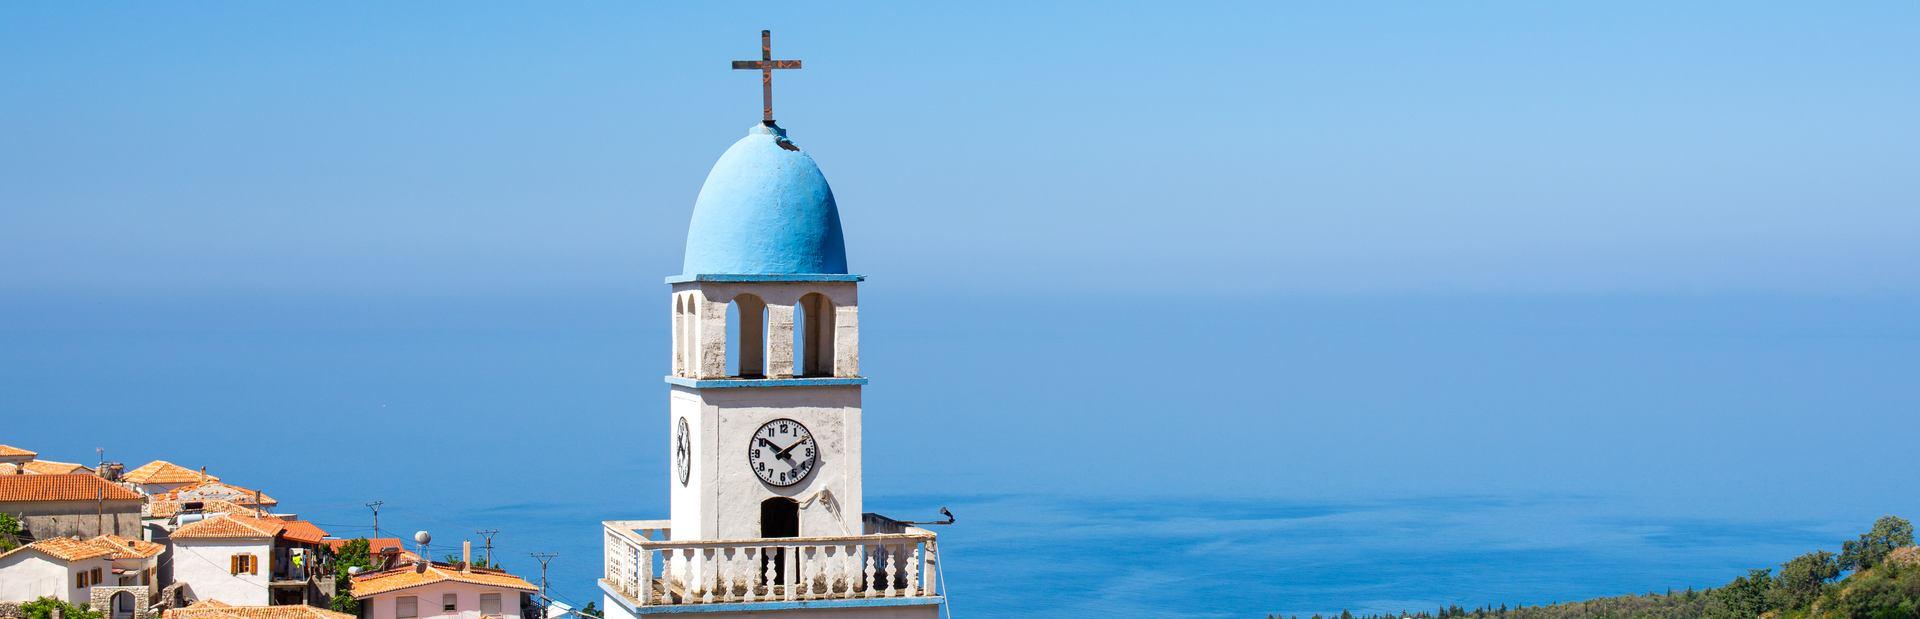 Albania inspiration and tips